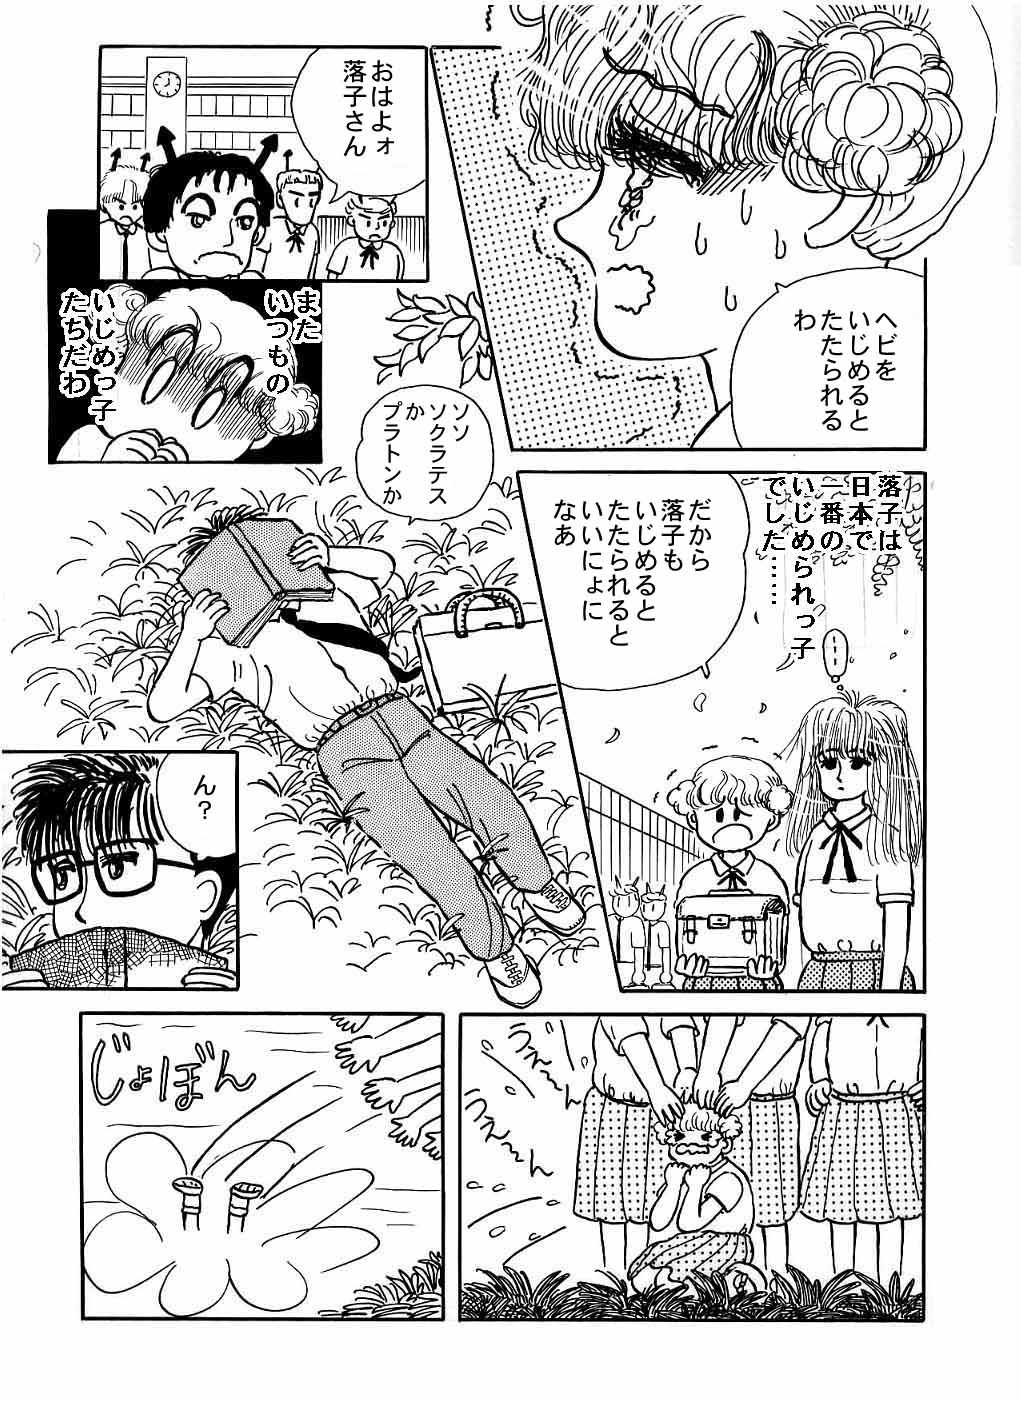 ホラー漫画画像03_20110122035256.jpg